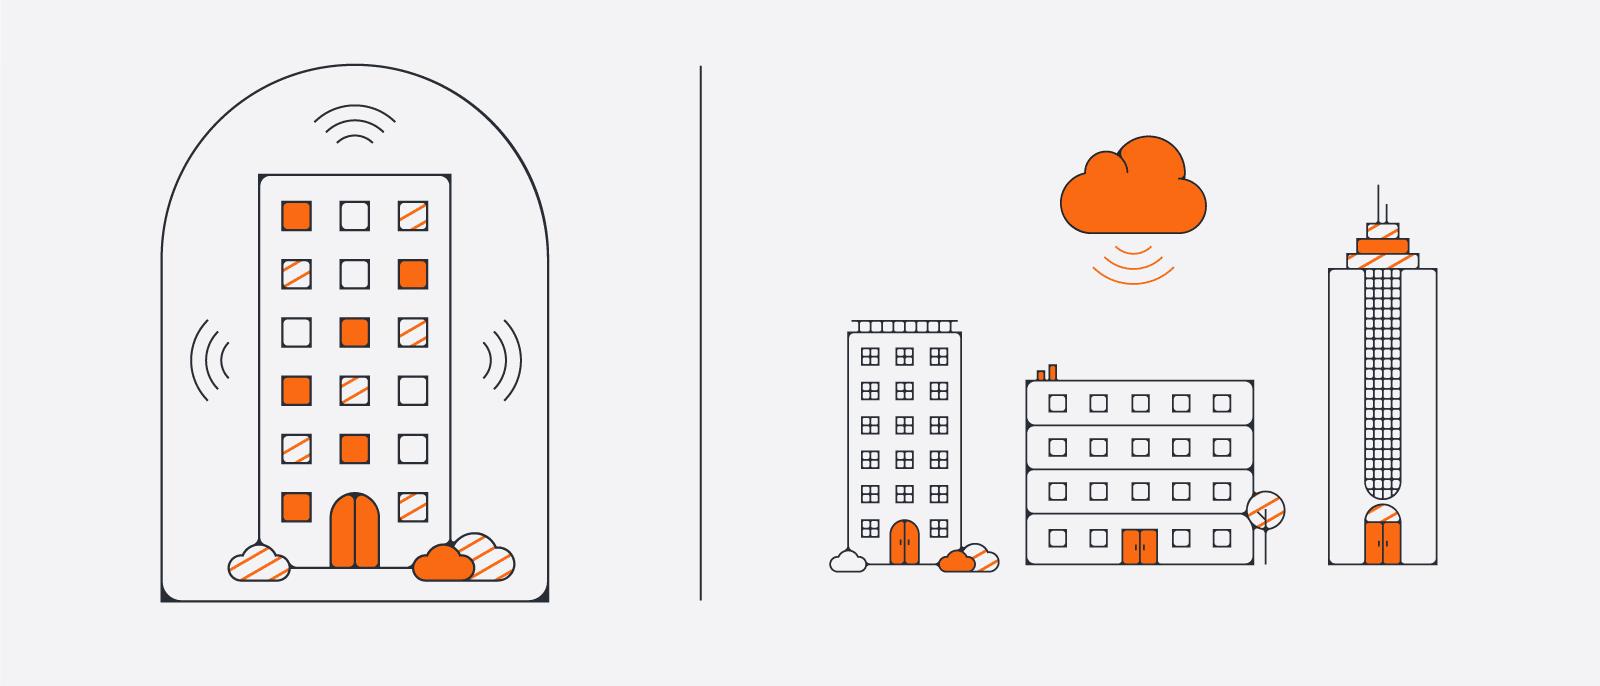 """On Premise sẽ được trình bày như là một công ty đưa ra quyết định để nguồn phần mềm của họ """"in-house"""". Thay vì vậy là """"On-cloud"""" – dữ liệu thông qua internet hoặc sử dụng các quy trình bổ sung và lưu giữ của nhà cung cấp, ứng dụng được kéo dài tại văn phòng thực của công ty. Sau khi được đặt vào cơ sở hạ tầng của tổ chức thông qua phòng ban IT, thuộc quyền làm chủ của doanh nghiệp."""